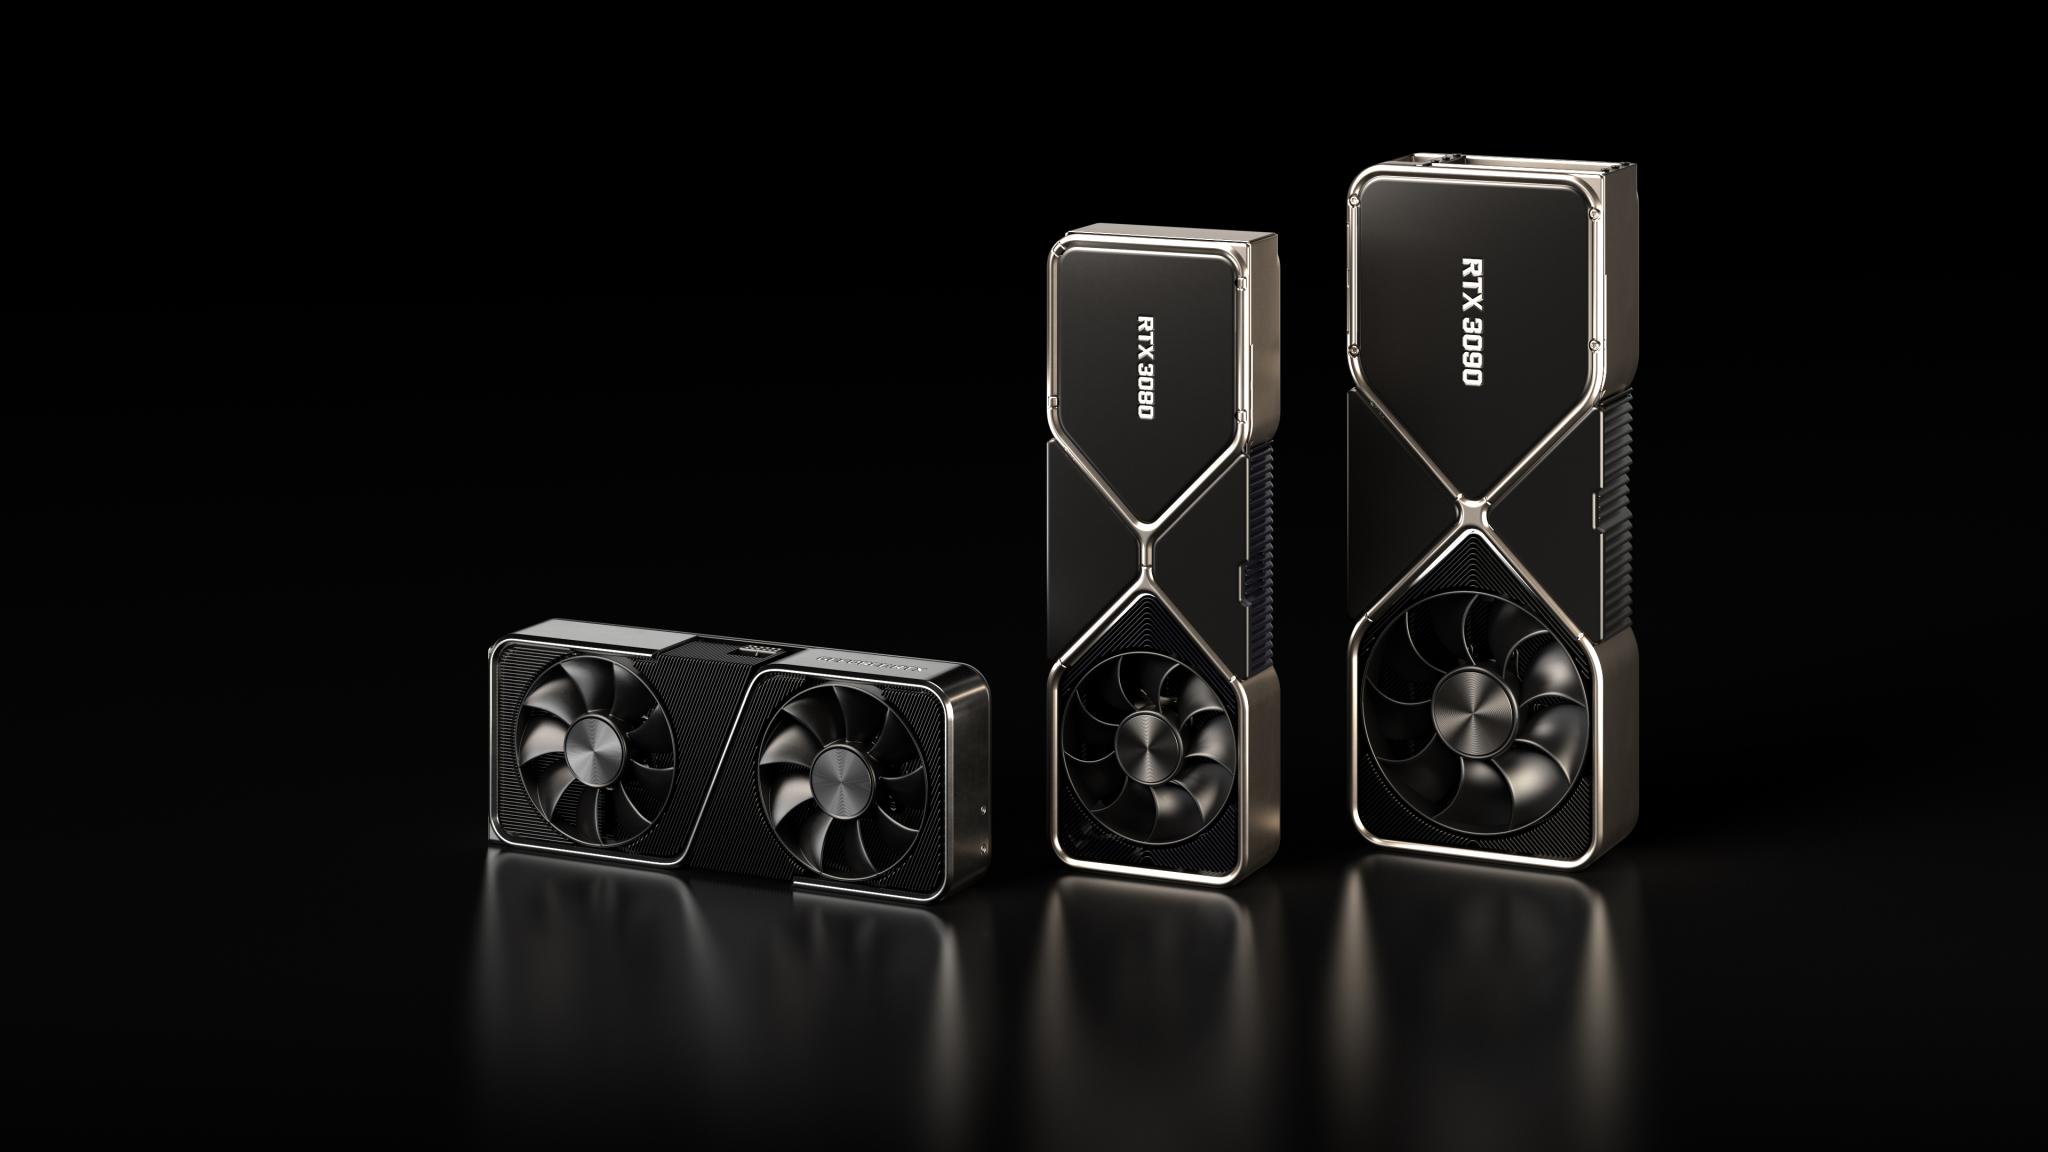 A nvidia não poupou esforços para anunciar o seu novo segmento de placas de vídeo.